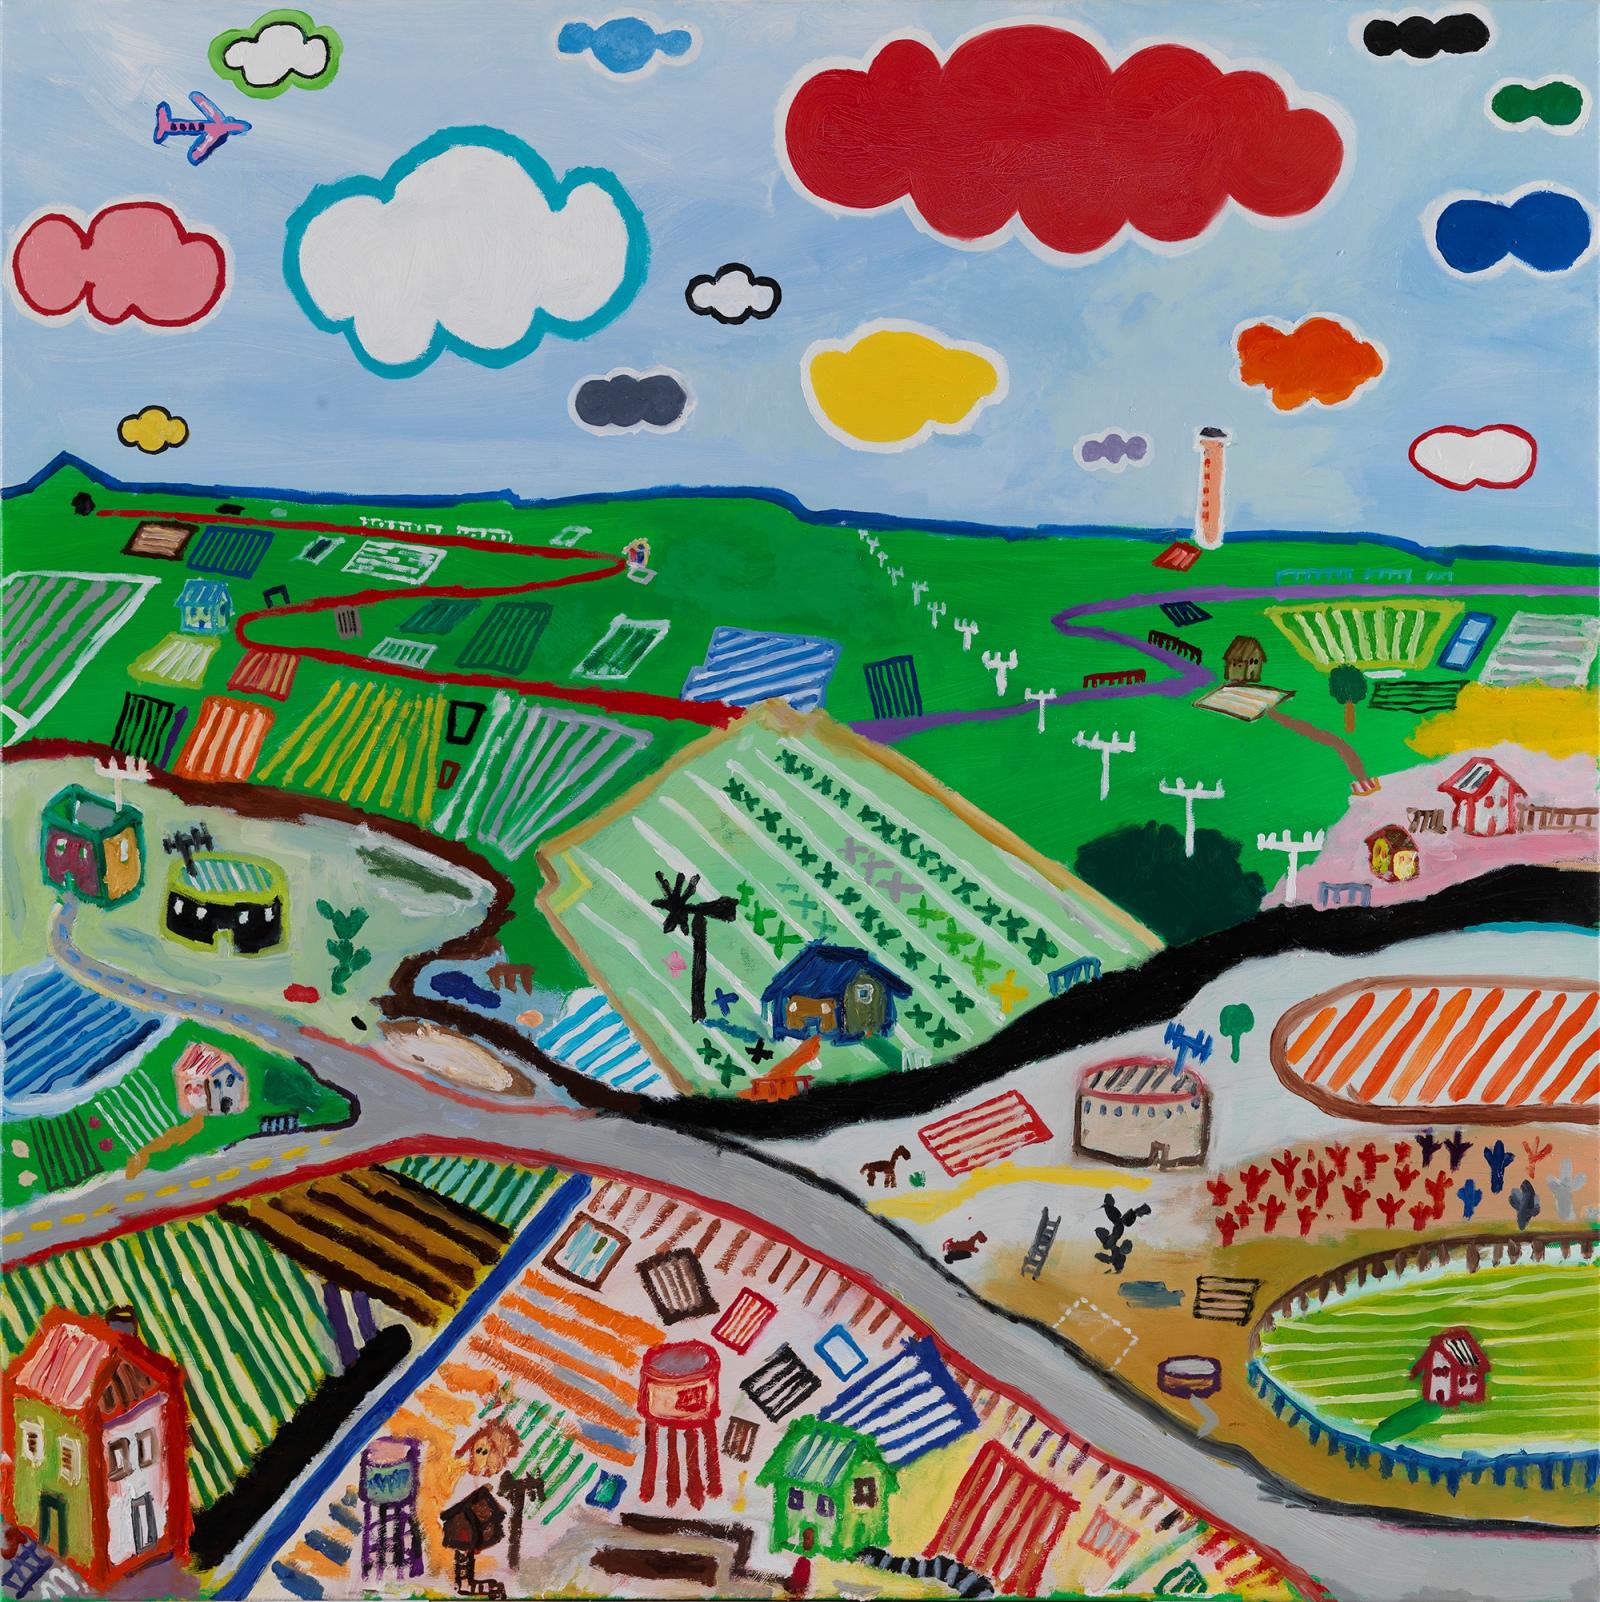 Nikos-Lagos_Untitled-Utopia_Oil-on-canvas_100X100cm